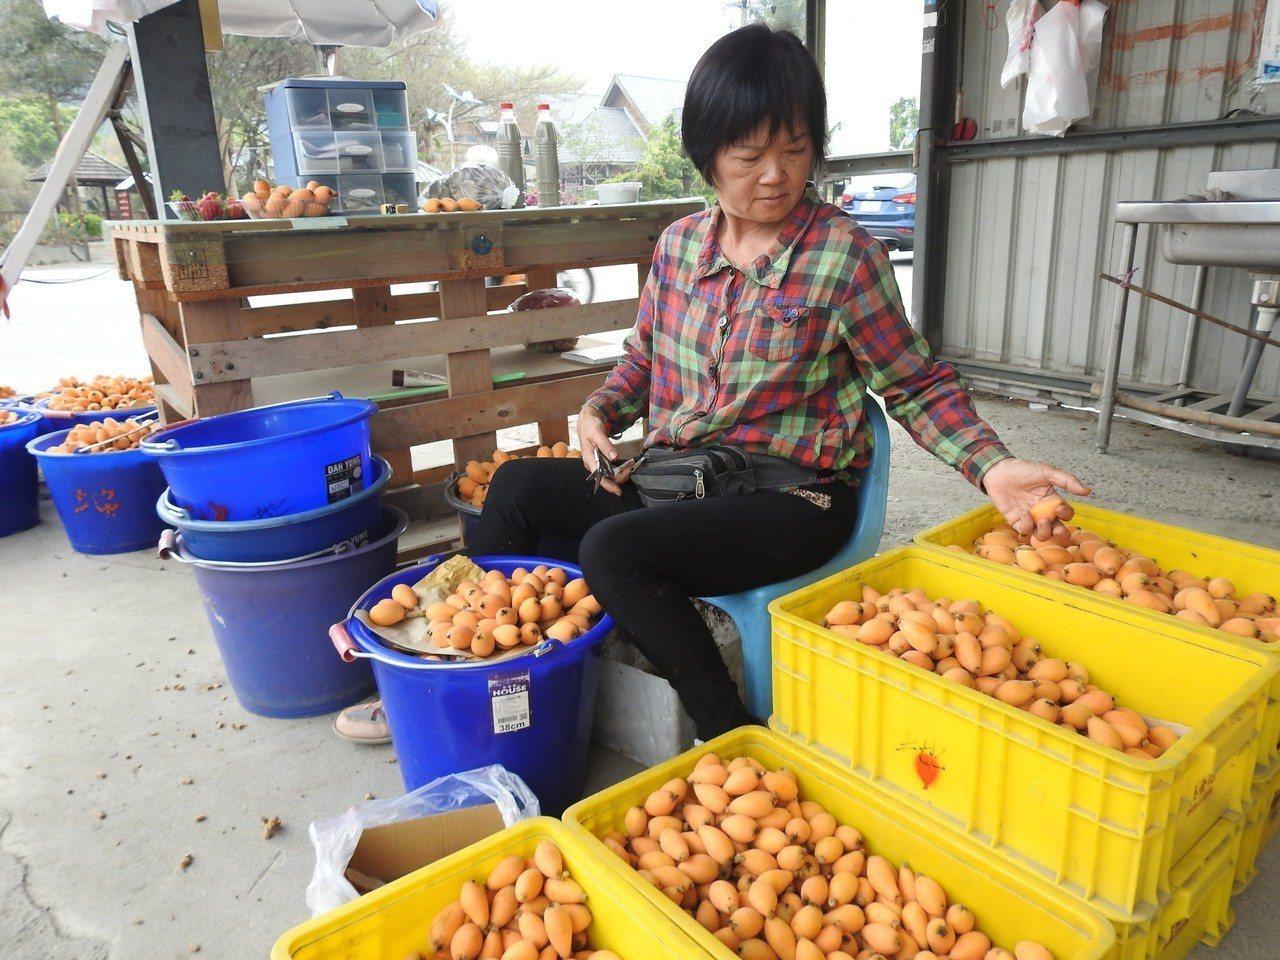 南投縣國姓枇杷今年因暖冬少雨,提早成熟且產量減少逾3成,果農提升品質來刺激買氣。...